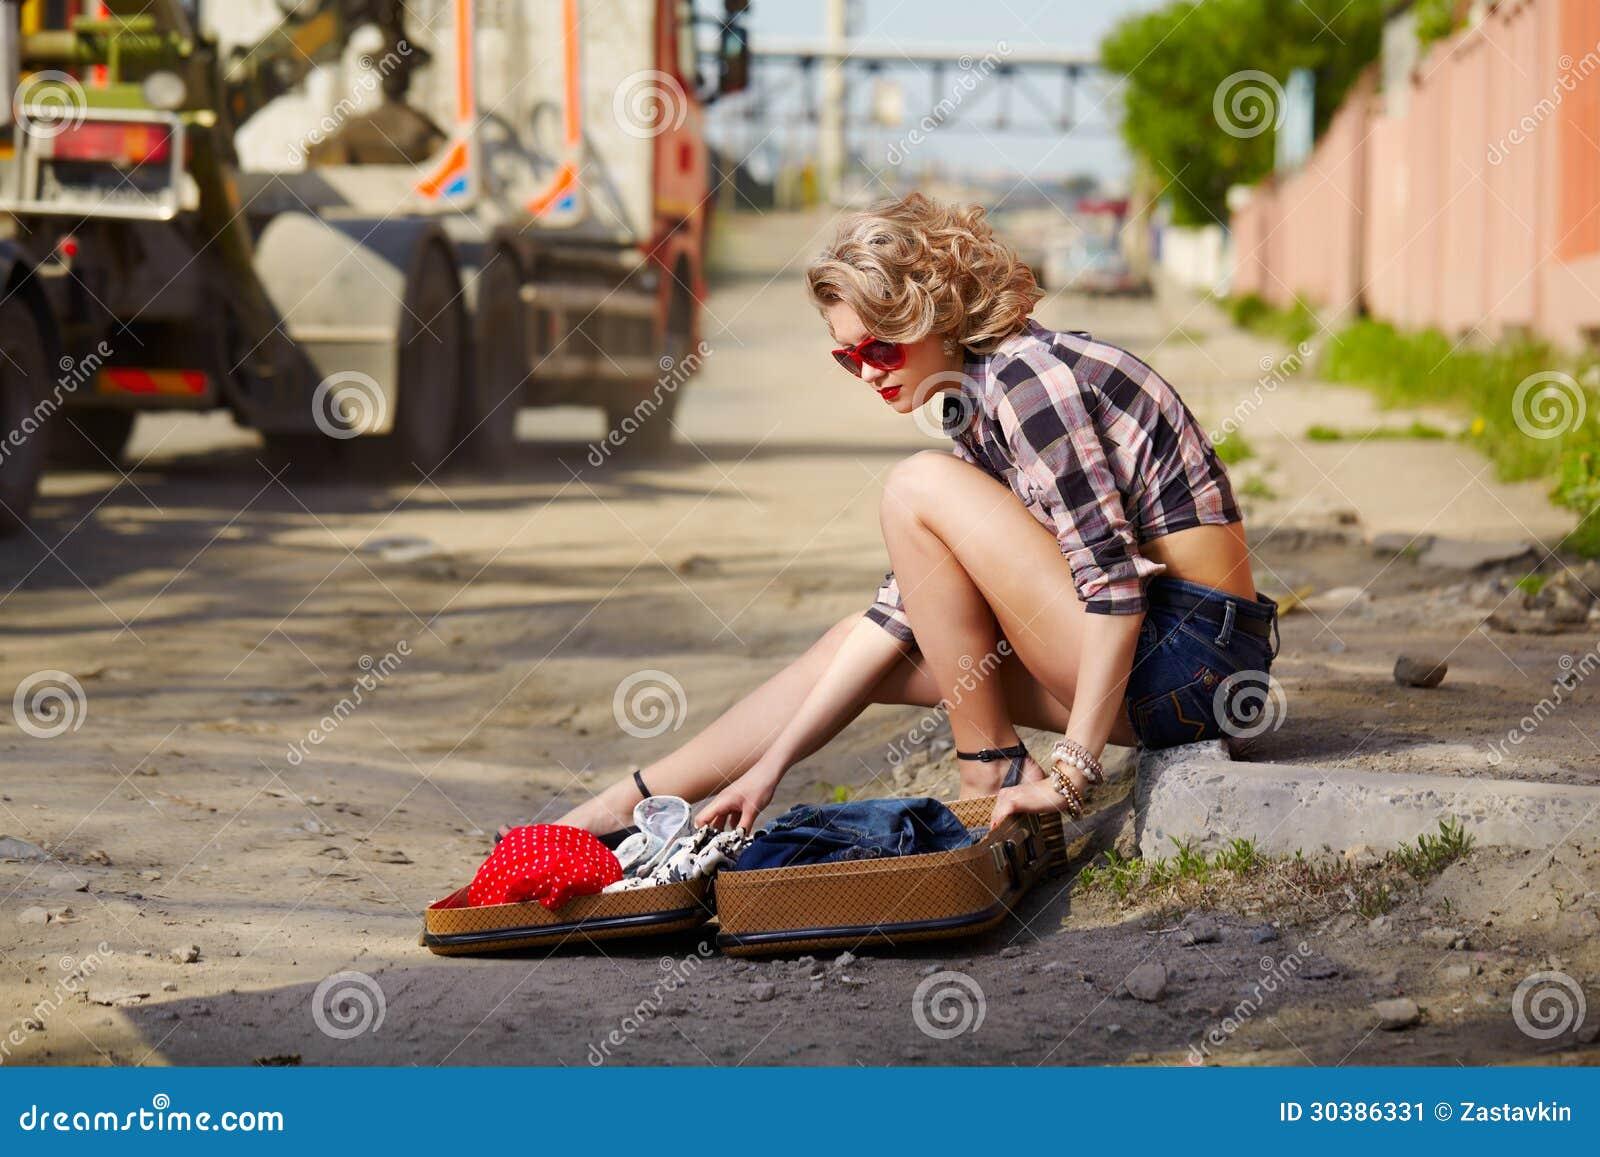 Flashing hitchhiker